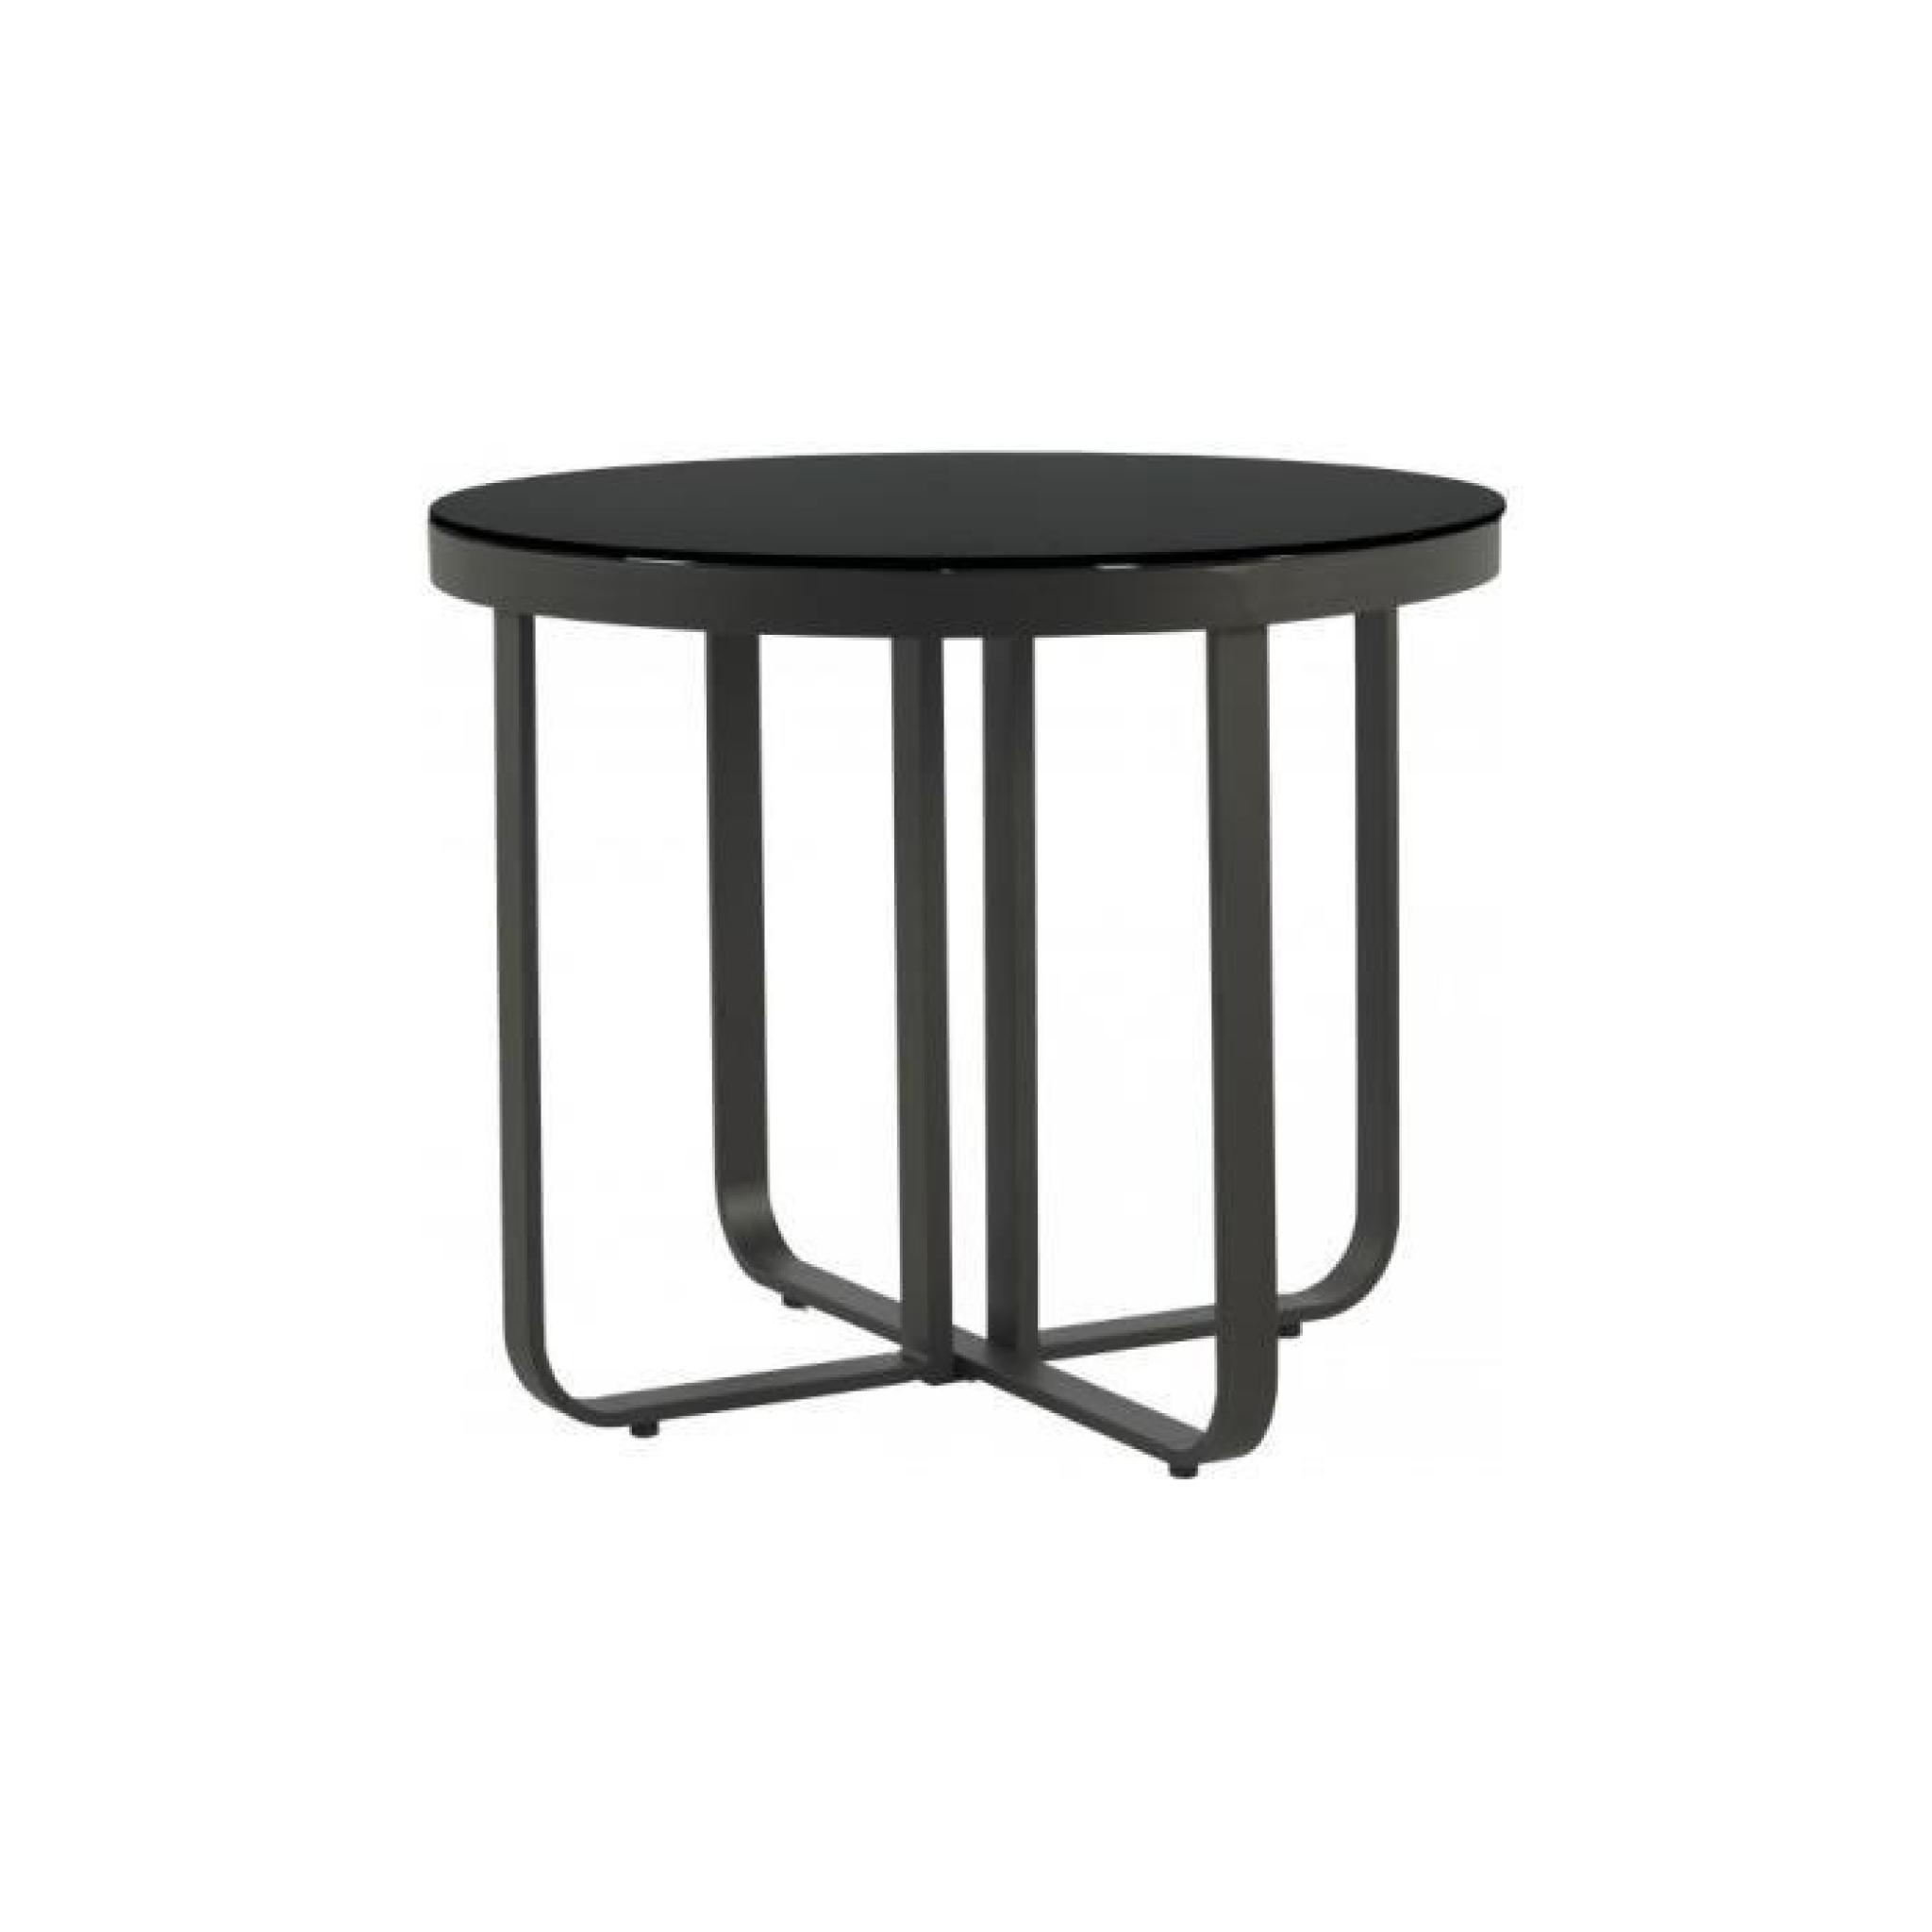 Table ronde aluminium gris plateau verre trempé noir Ø150 - Achat ...